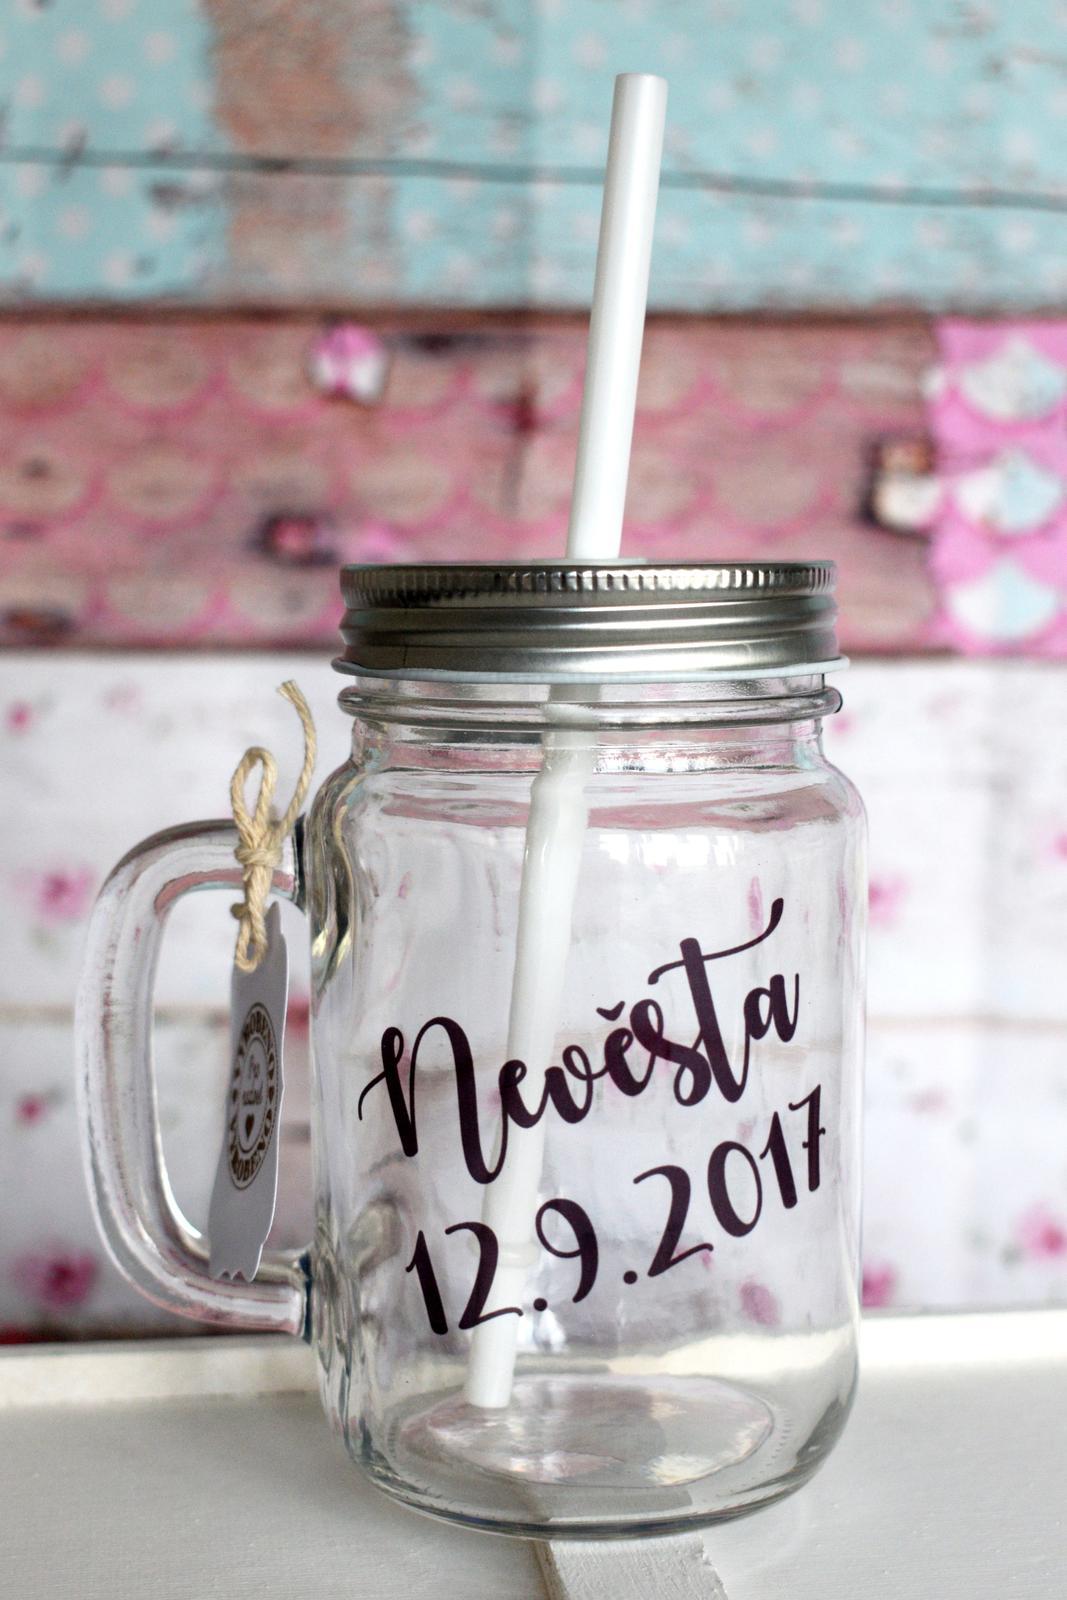 erika_rekniano - sklenice mason jar pro nevěstu/družičku/svědkyni